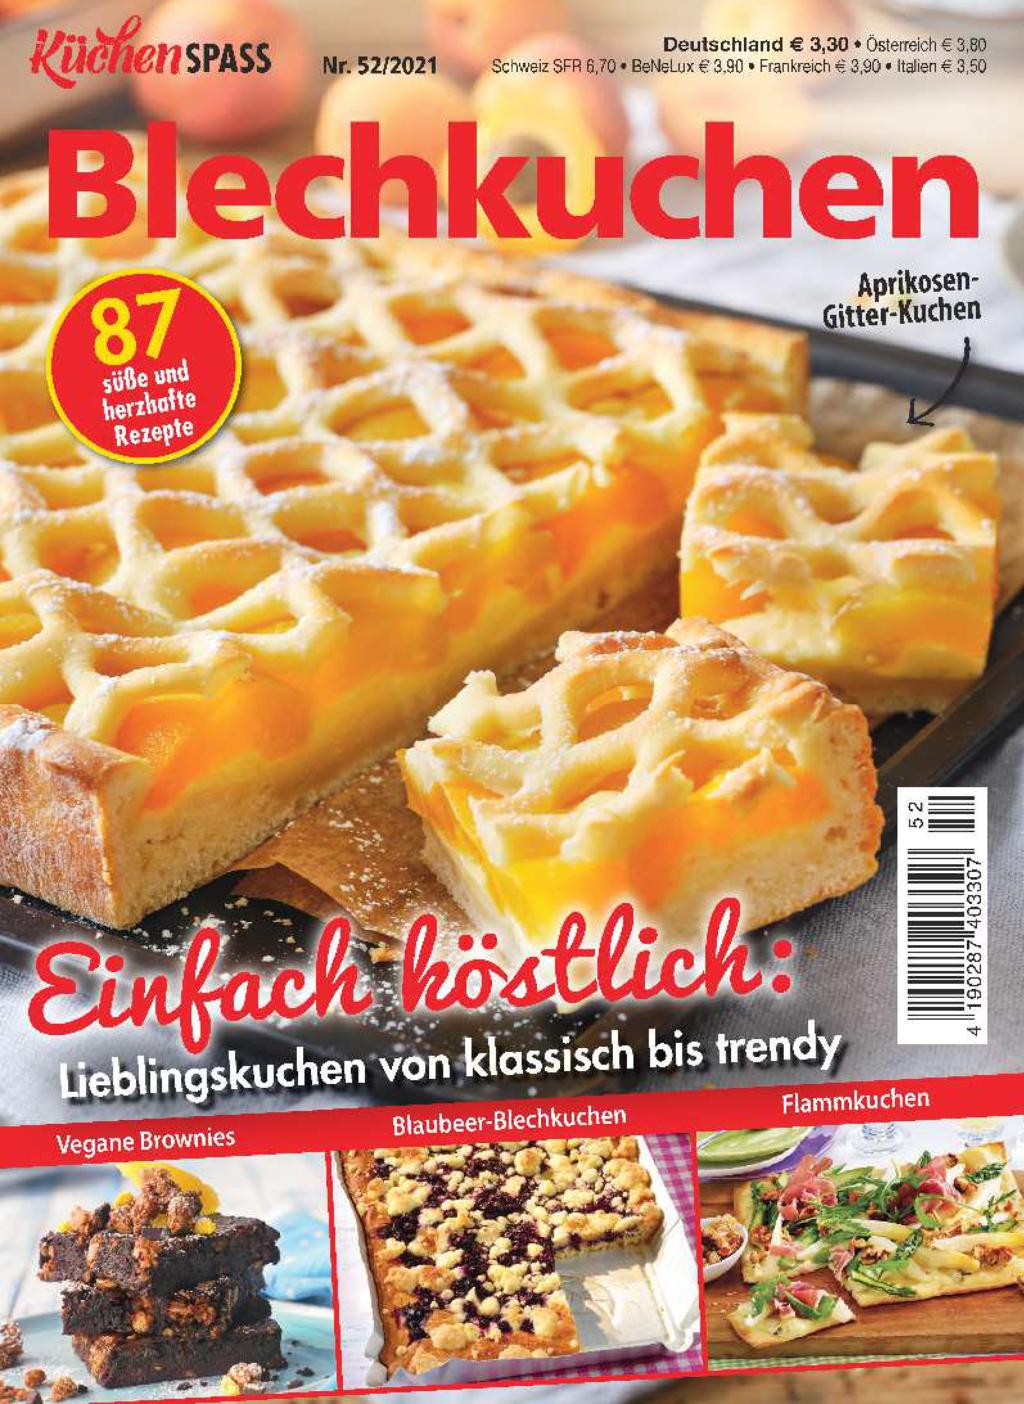 KüchenSPASS 52/2021 - Einfach köstlich